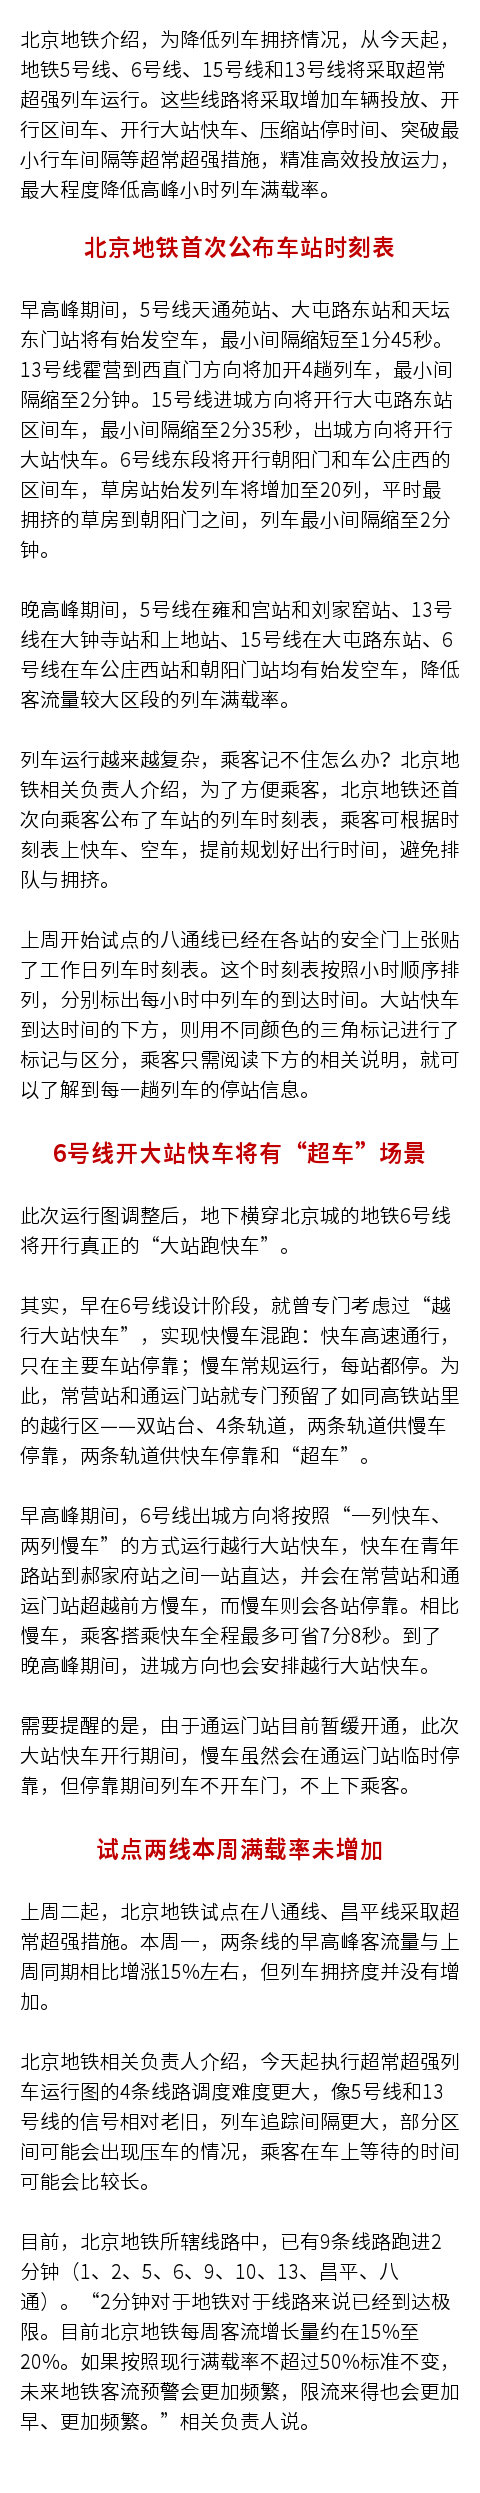 為降低列車擁擠,北京地鐵5、6、13、15 號線將采取超常超強列車運行